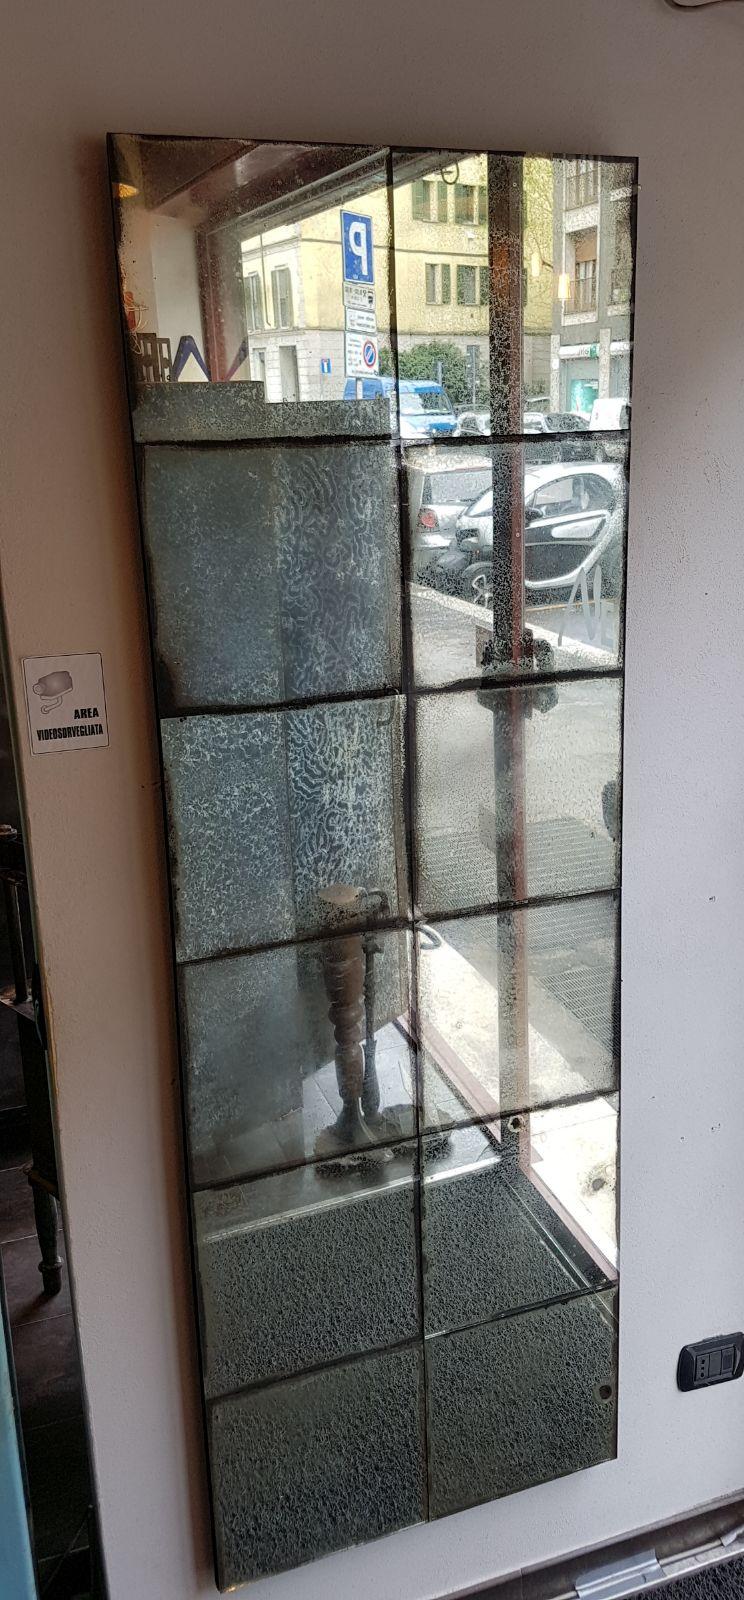 Specchi mirror mosaic 2 versioni neoretr - Specchi pubblicitari vintage ...